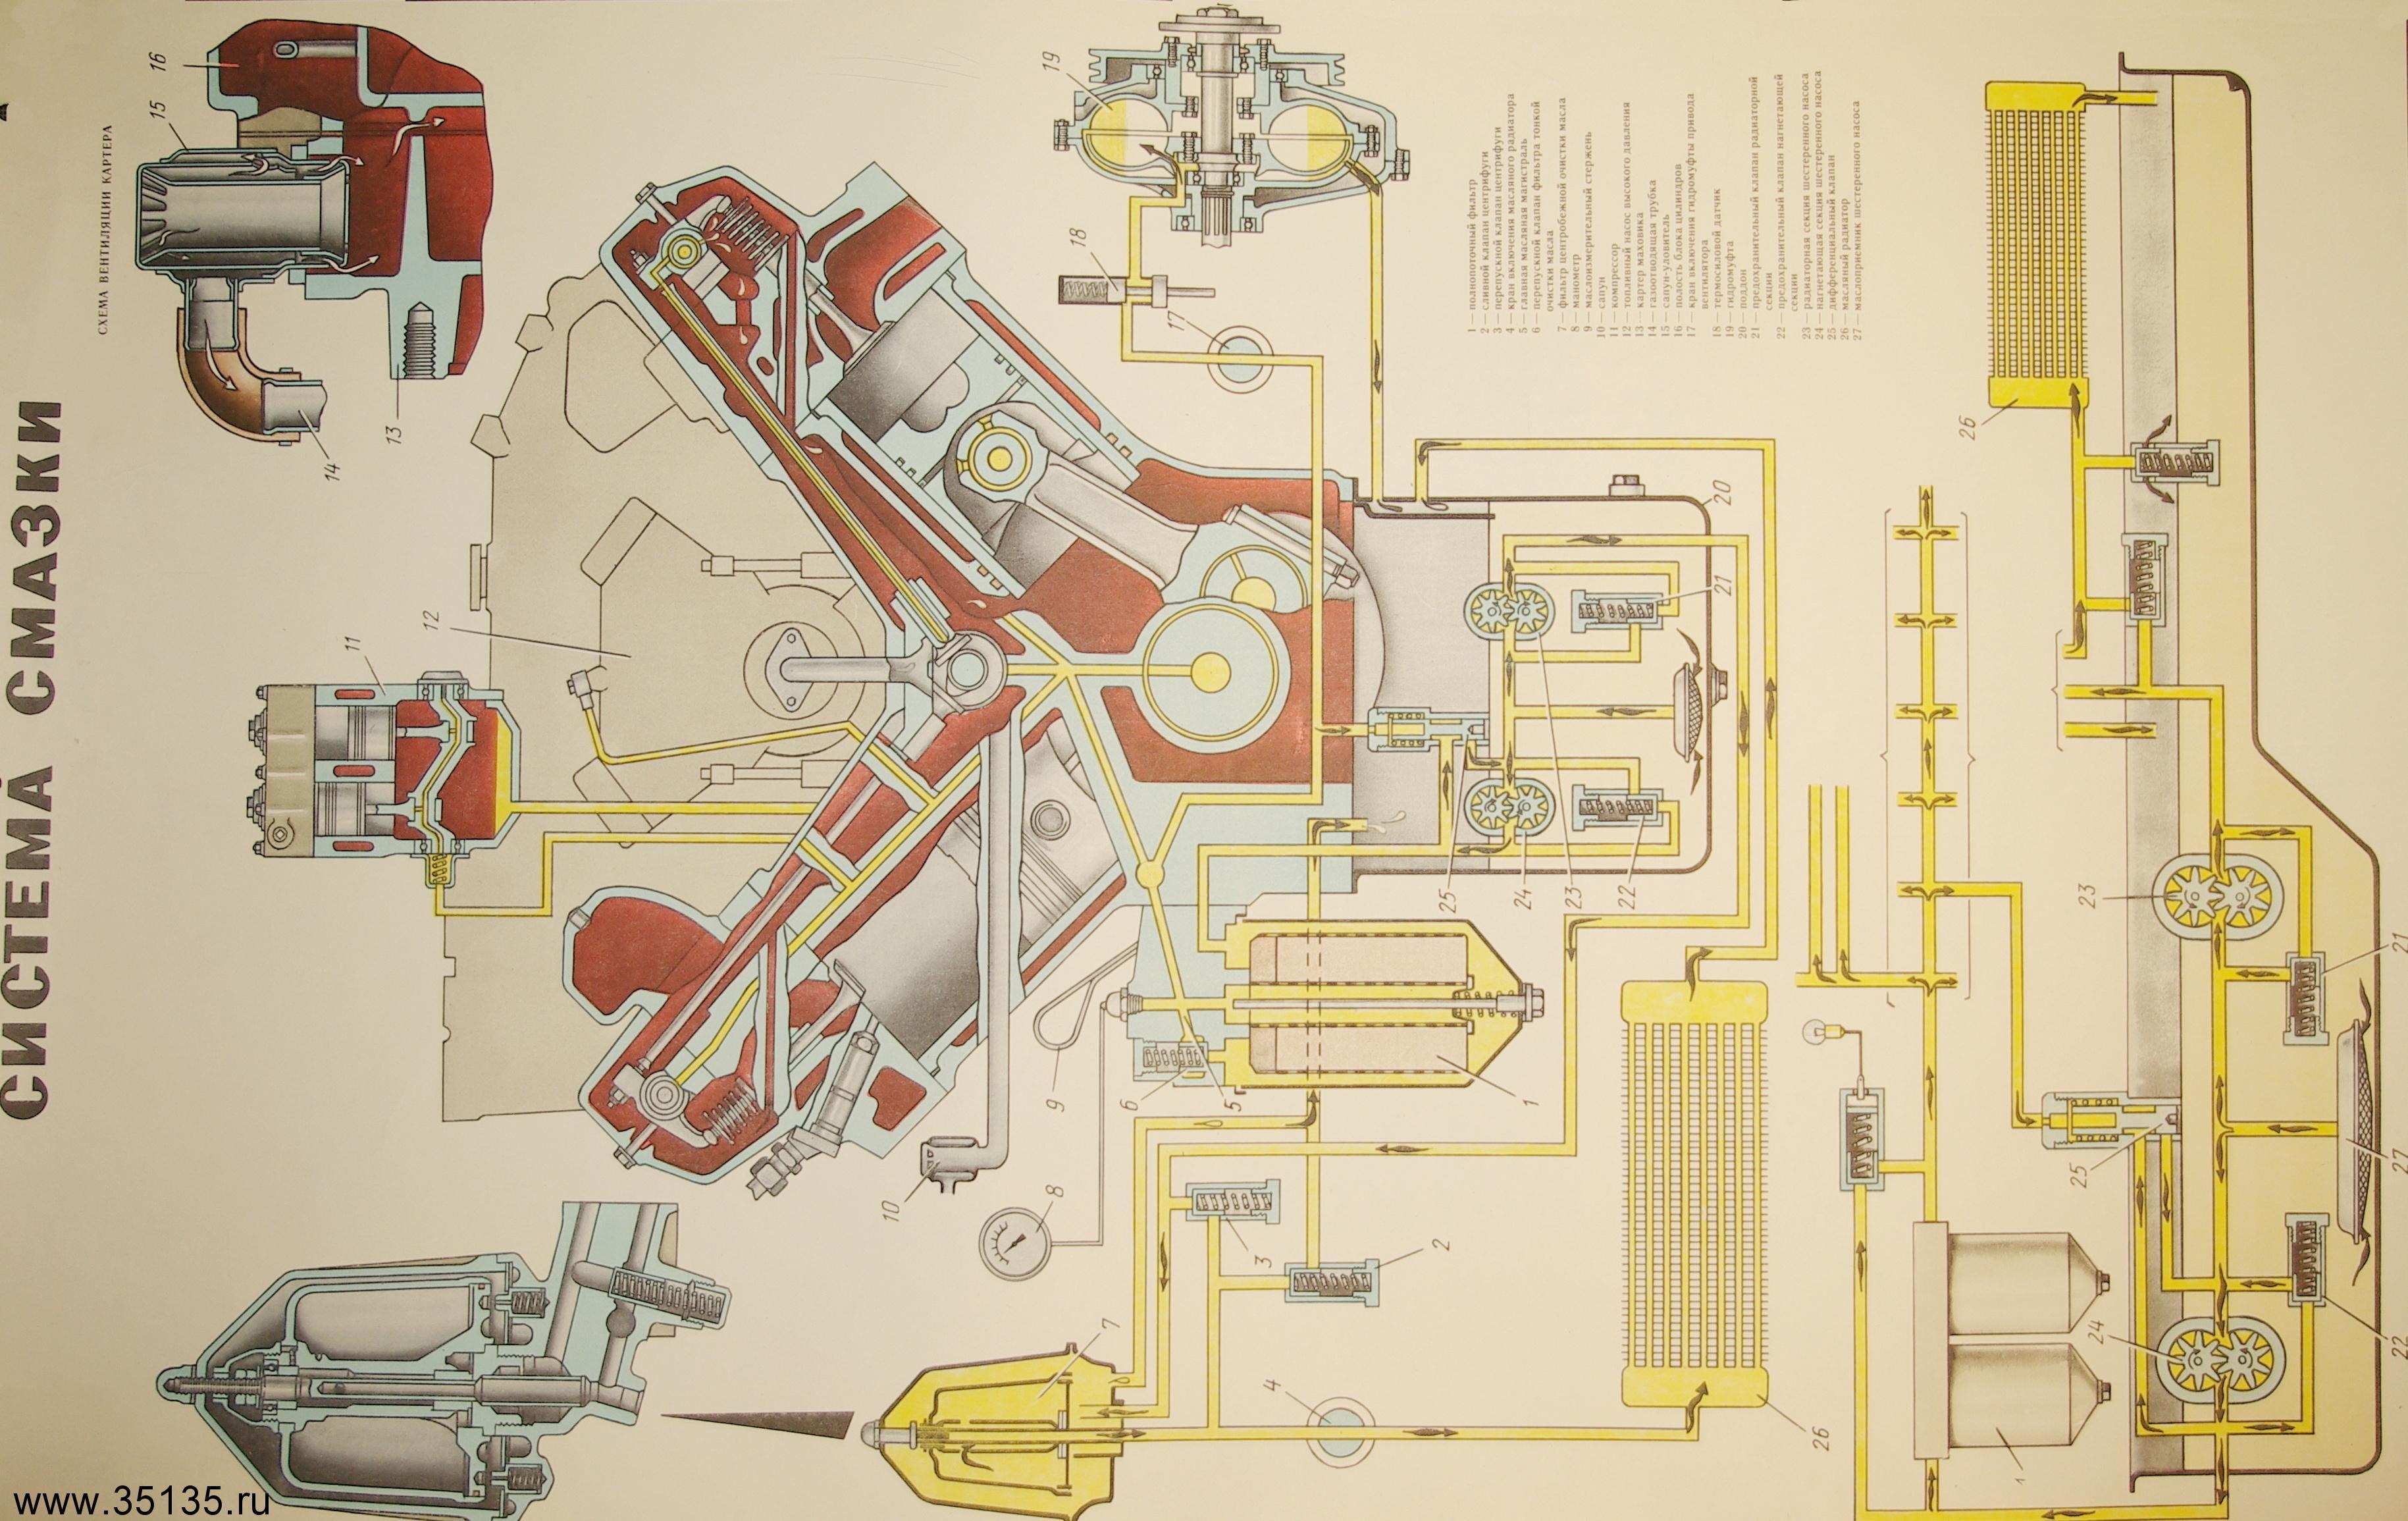 Схема системы смазки - systemsauto.ru